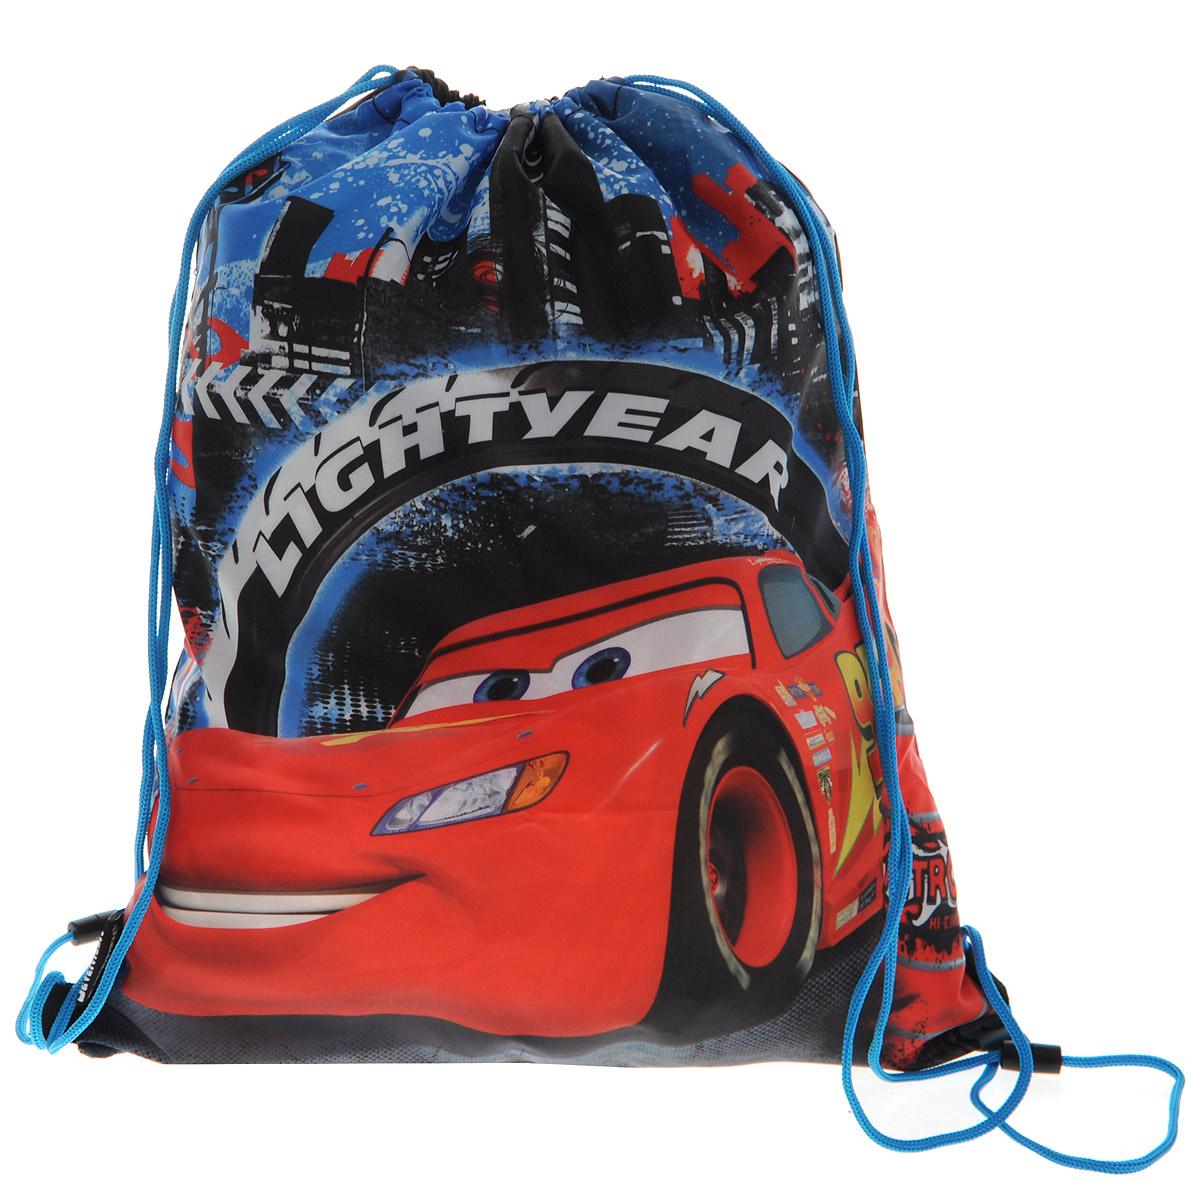 цена Cars Сумка-рюкзак для обуви цвет голубой красный CRCB-MT1-883 онлайн в 2017 году